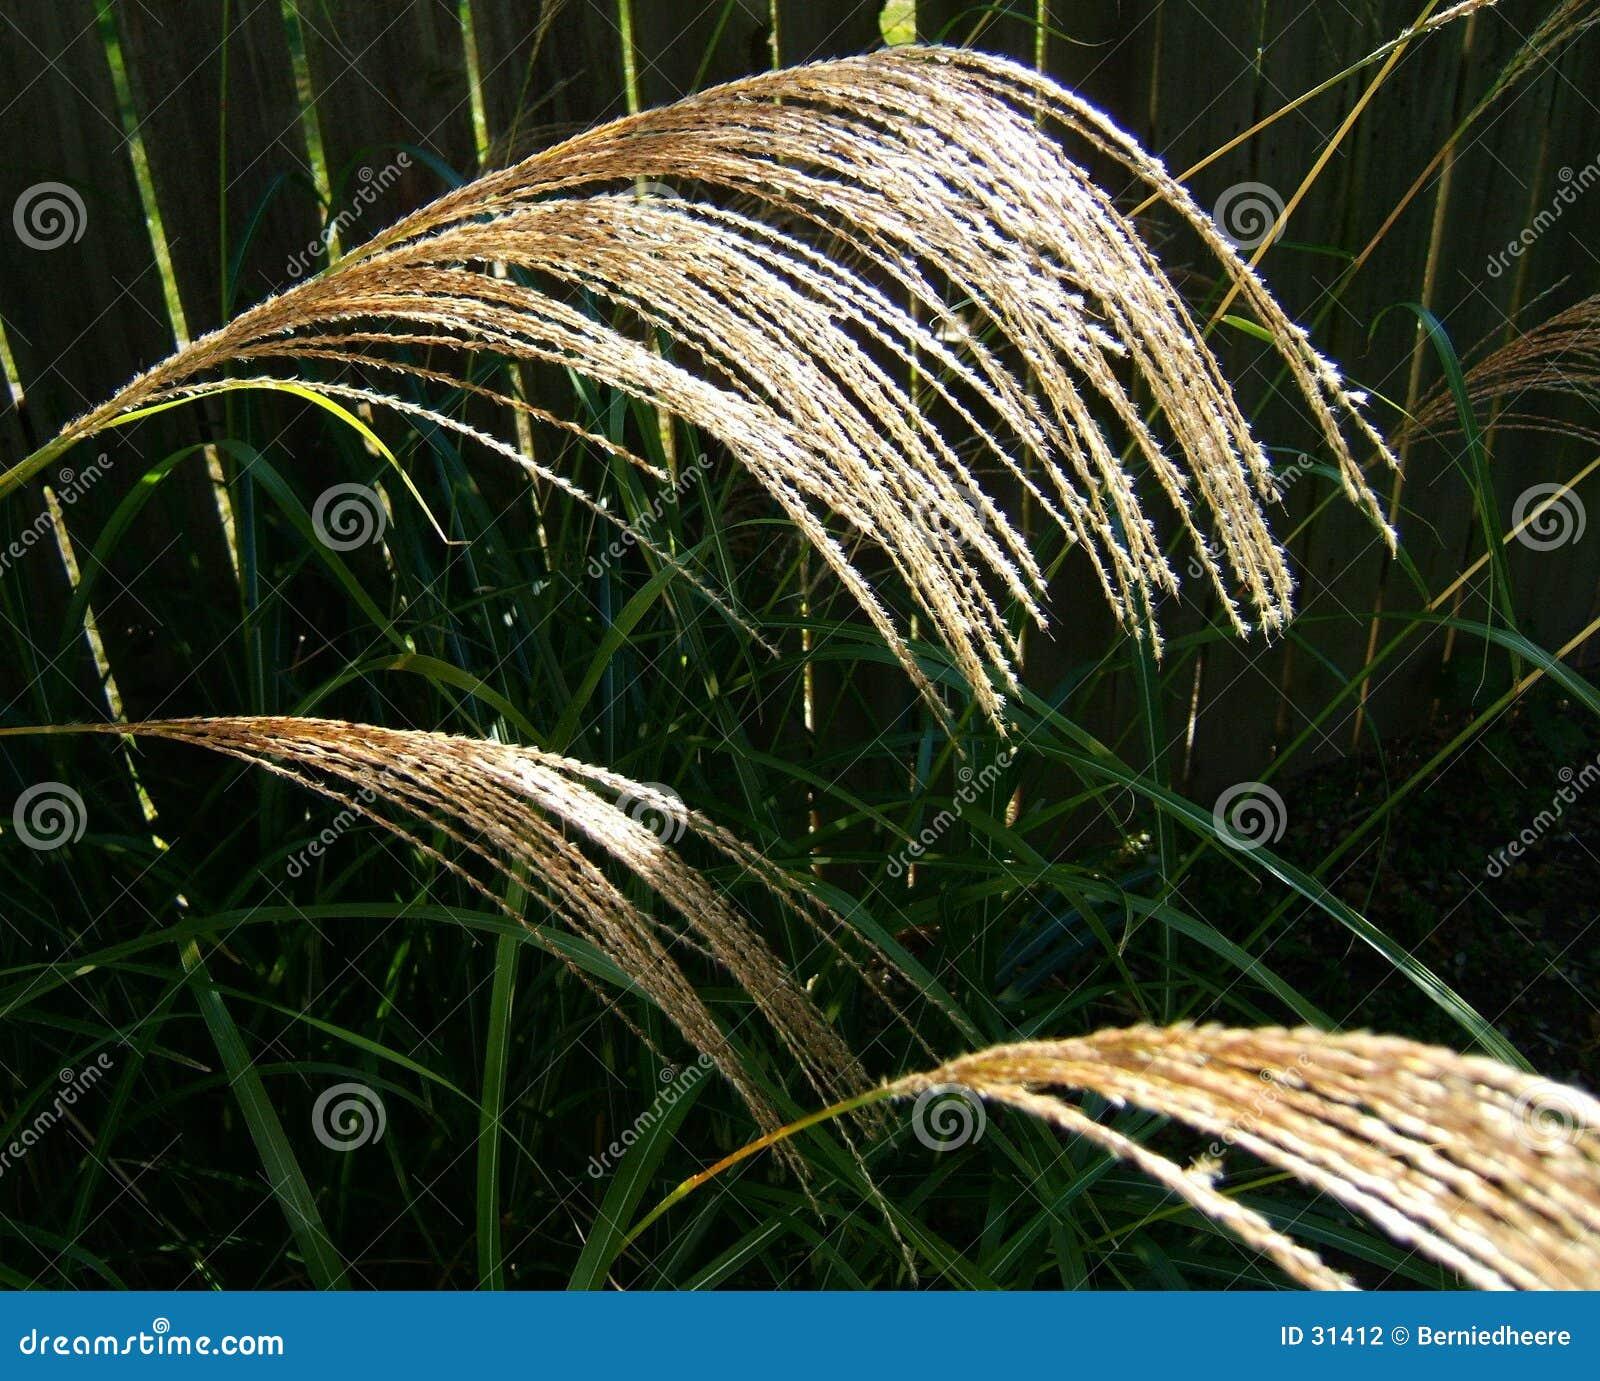 трава возглавляет семя высокорослое